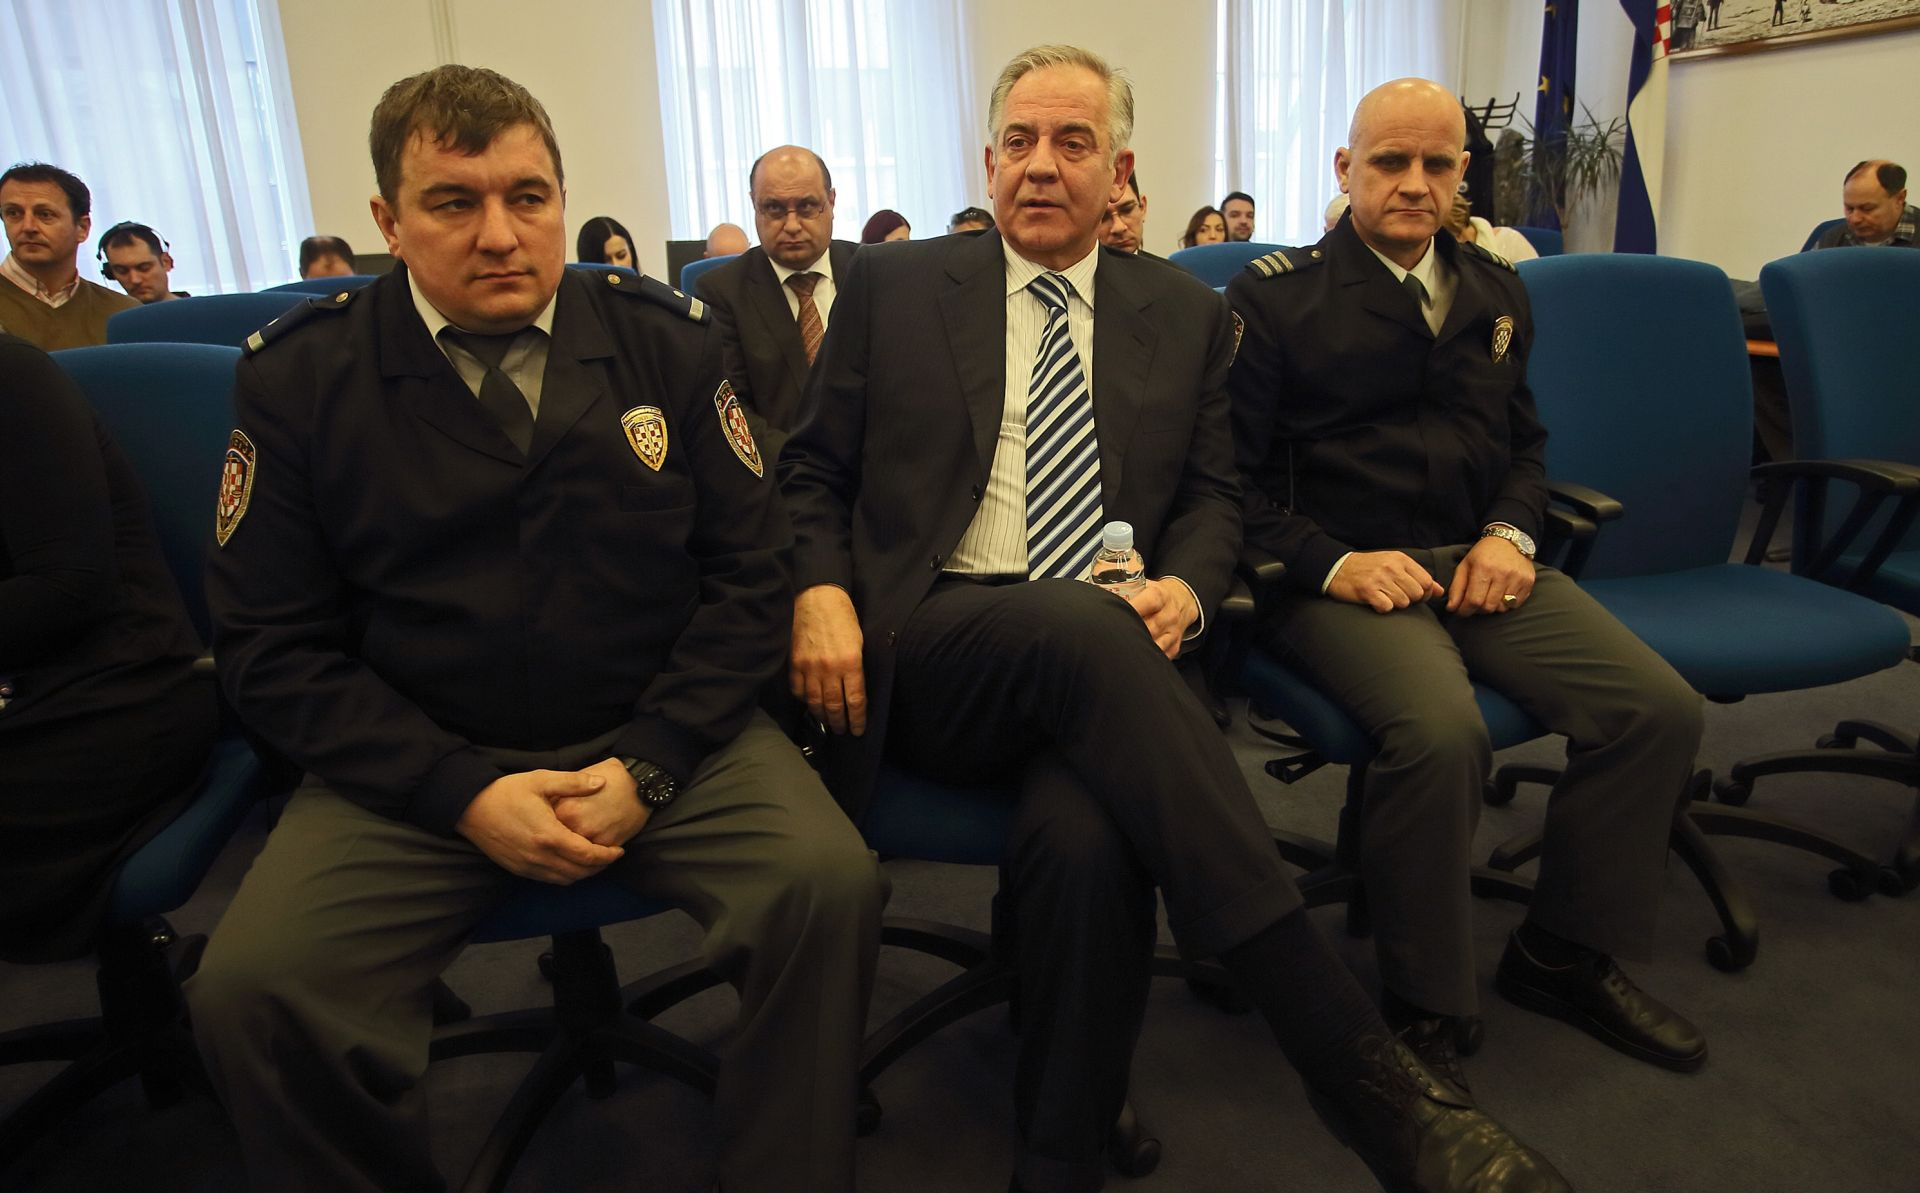 TRAKAVICA SE NASTAVLJA: Ponovno odgođeno suđenje za Planinsku